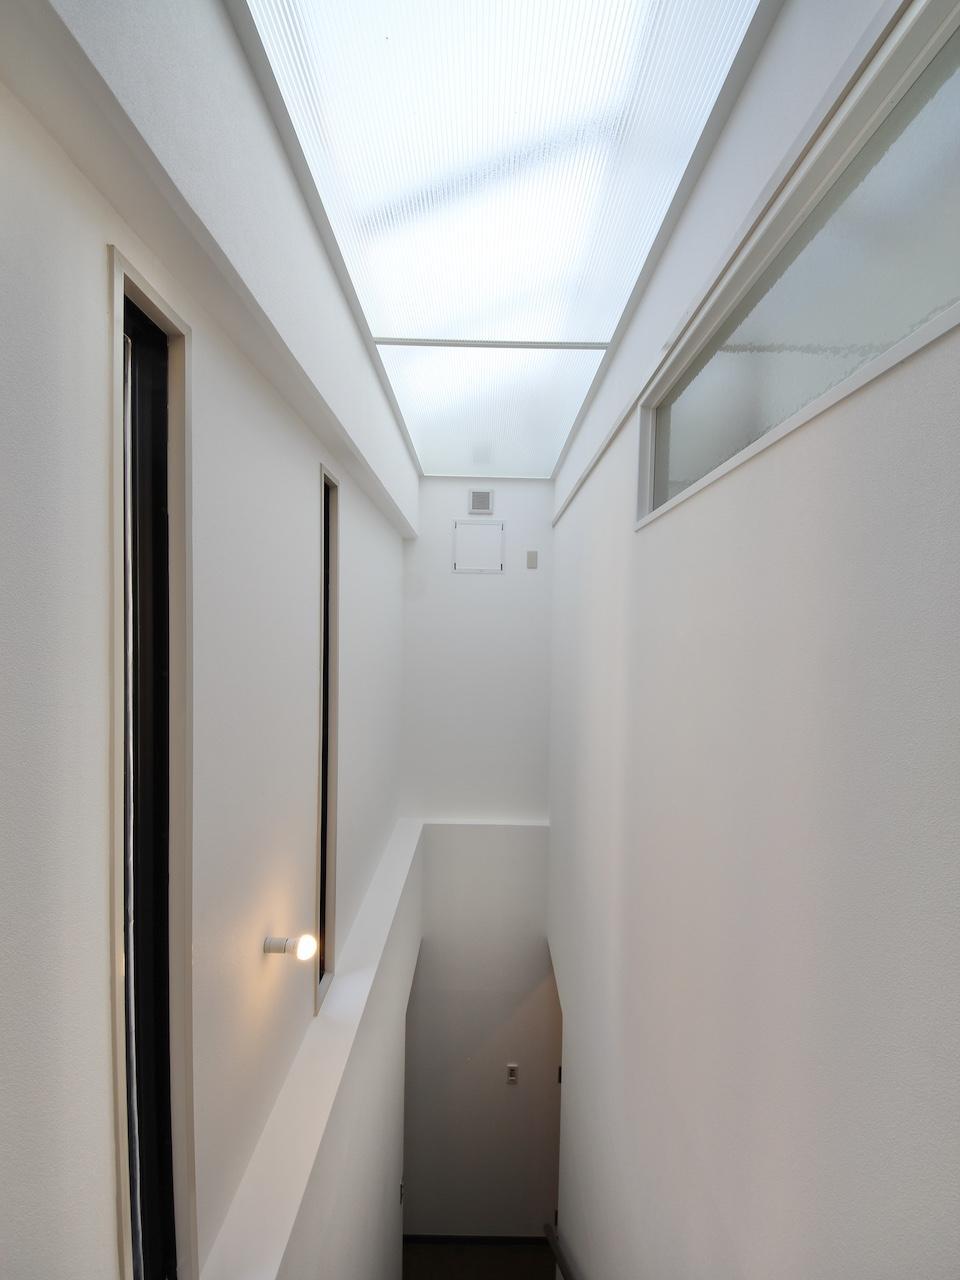 階段室 天窓からの光を右側洗面室に届けている